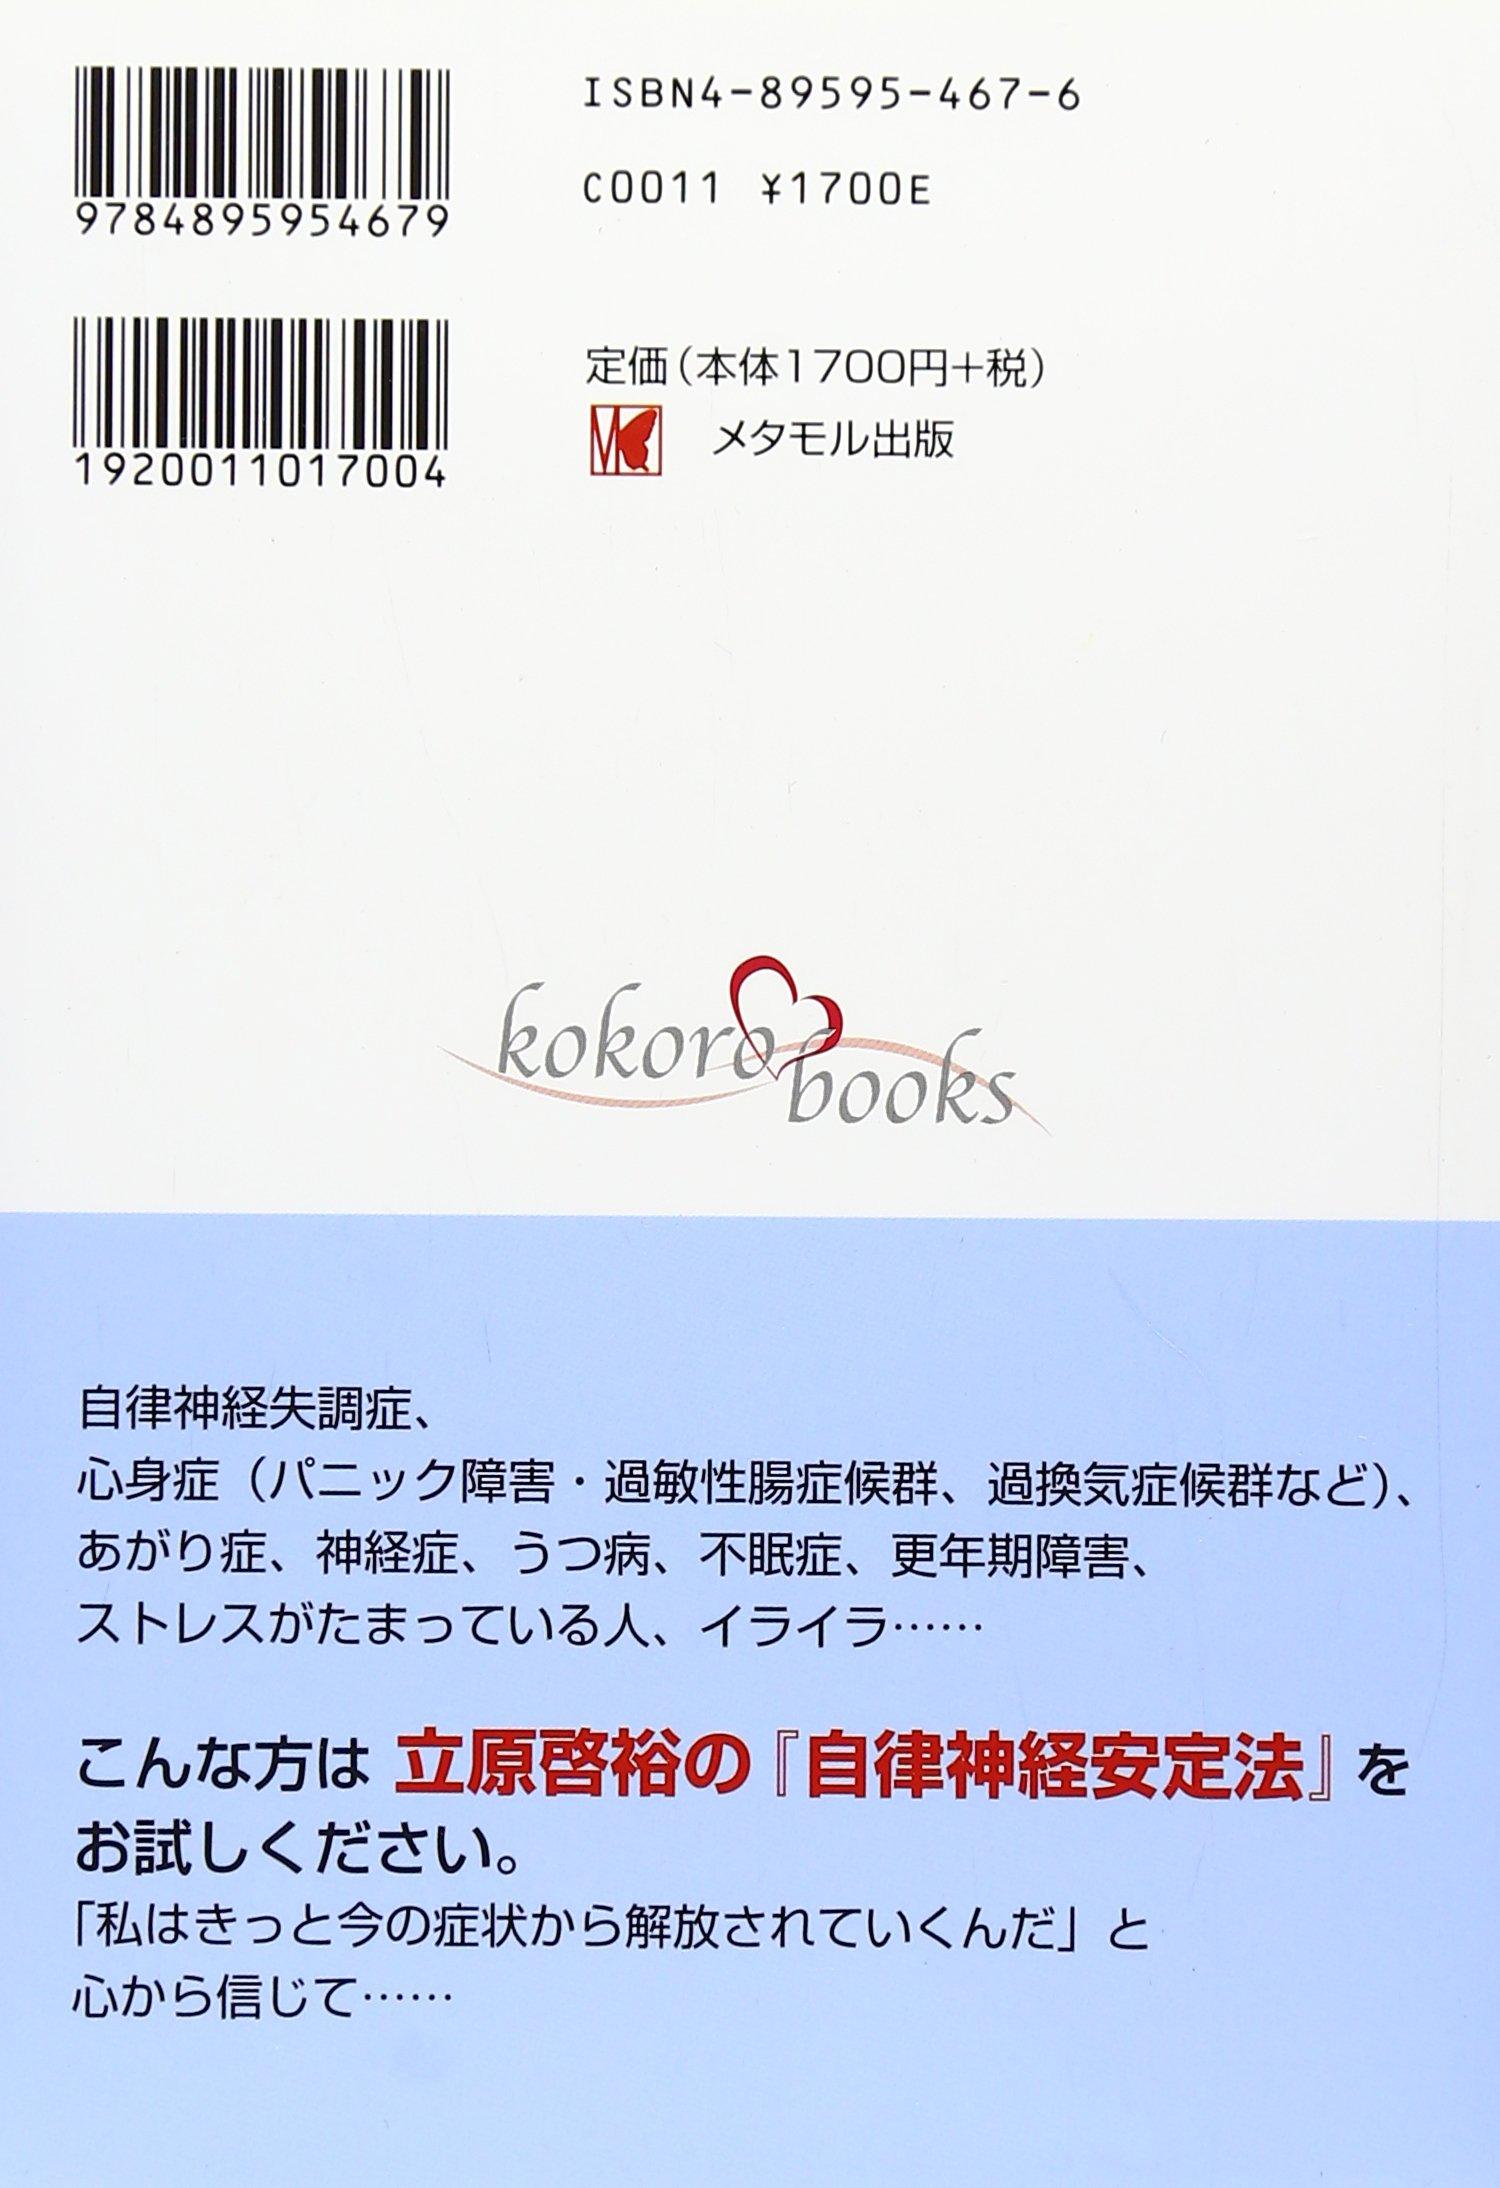 立原啓裕の「自律神経安定法」(Kokoro books) | 立原 啓裕, 宇佐見 ...